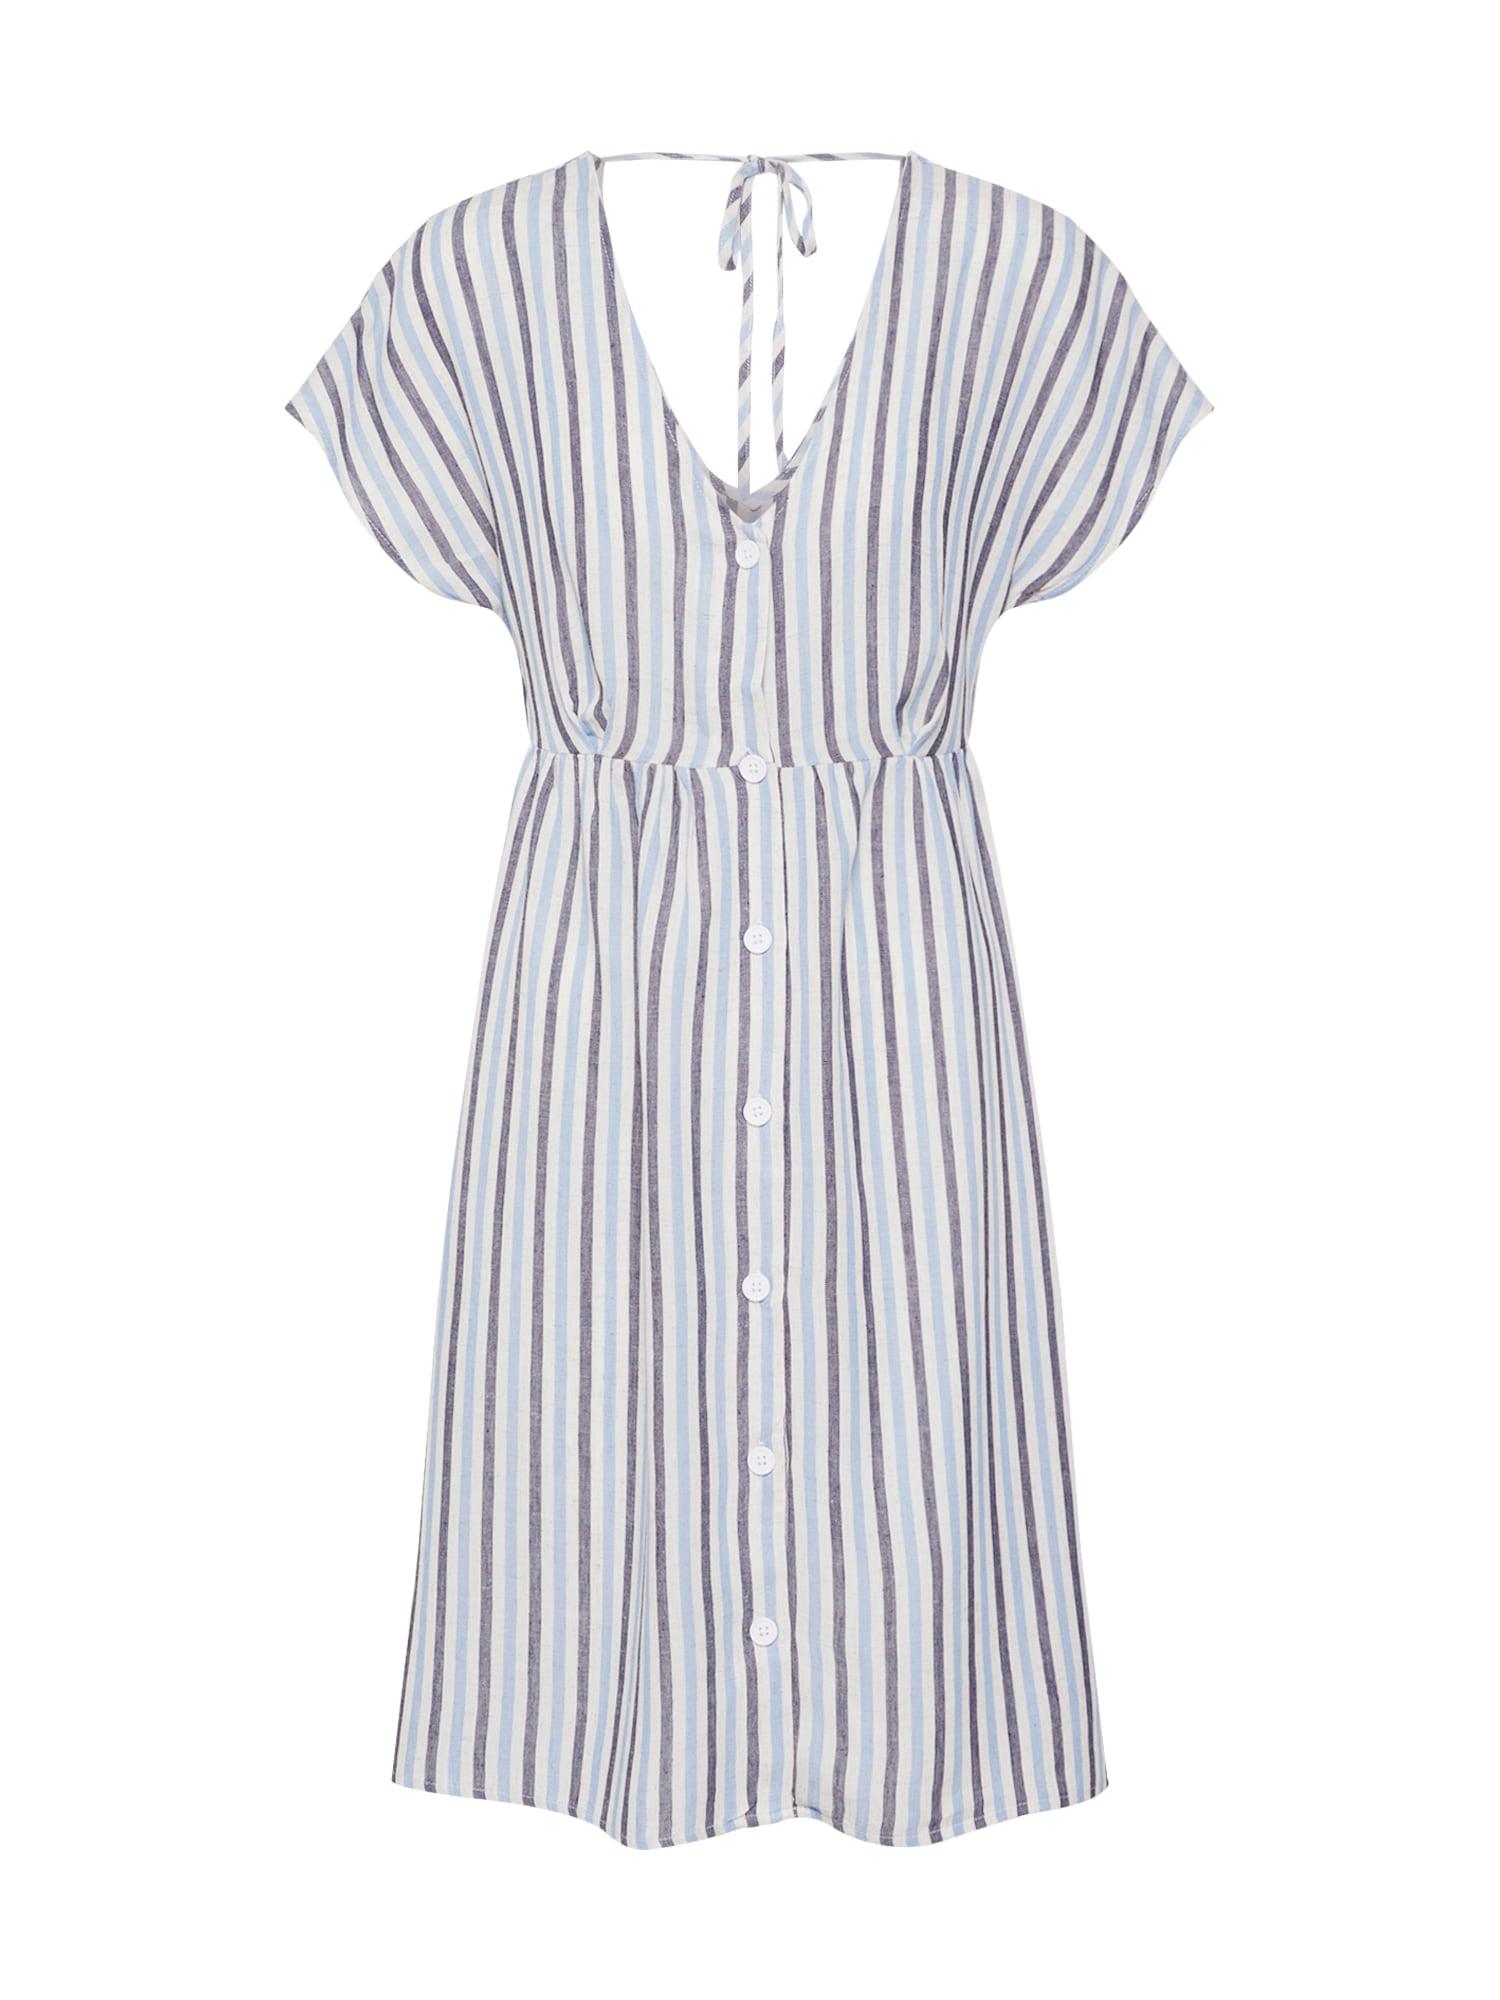 Letní šaty WENDY světlemodrá bílá OBJECT